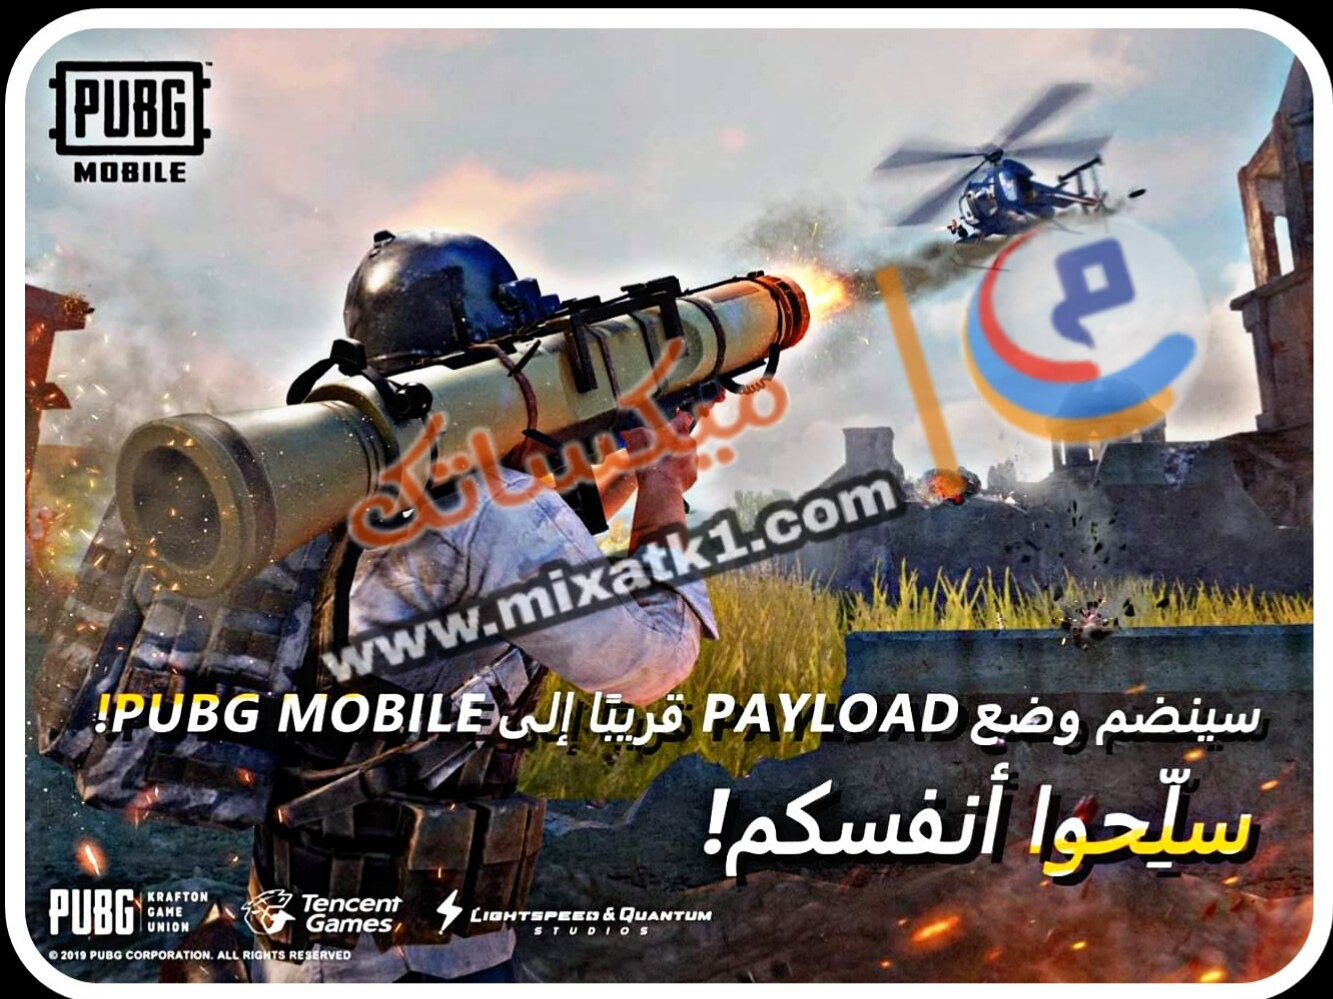 ببجي موبايل، ببجي، تحديث ببجي، pubg mobile, وضع payload